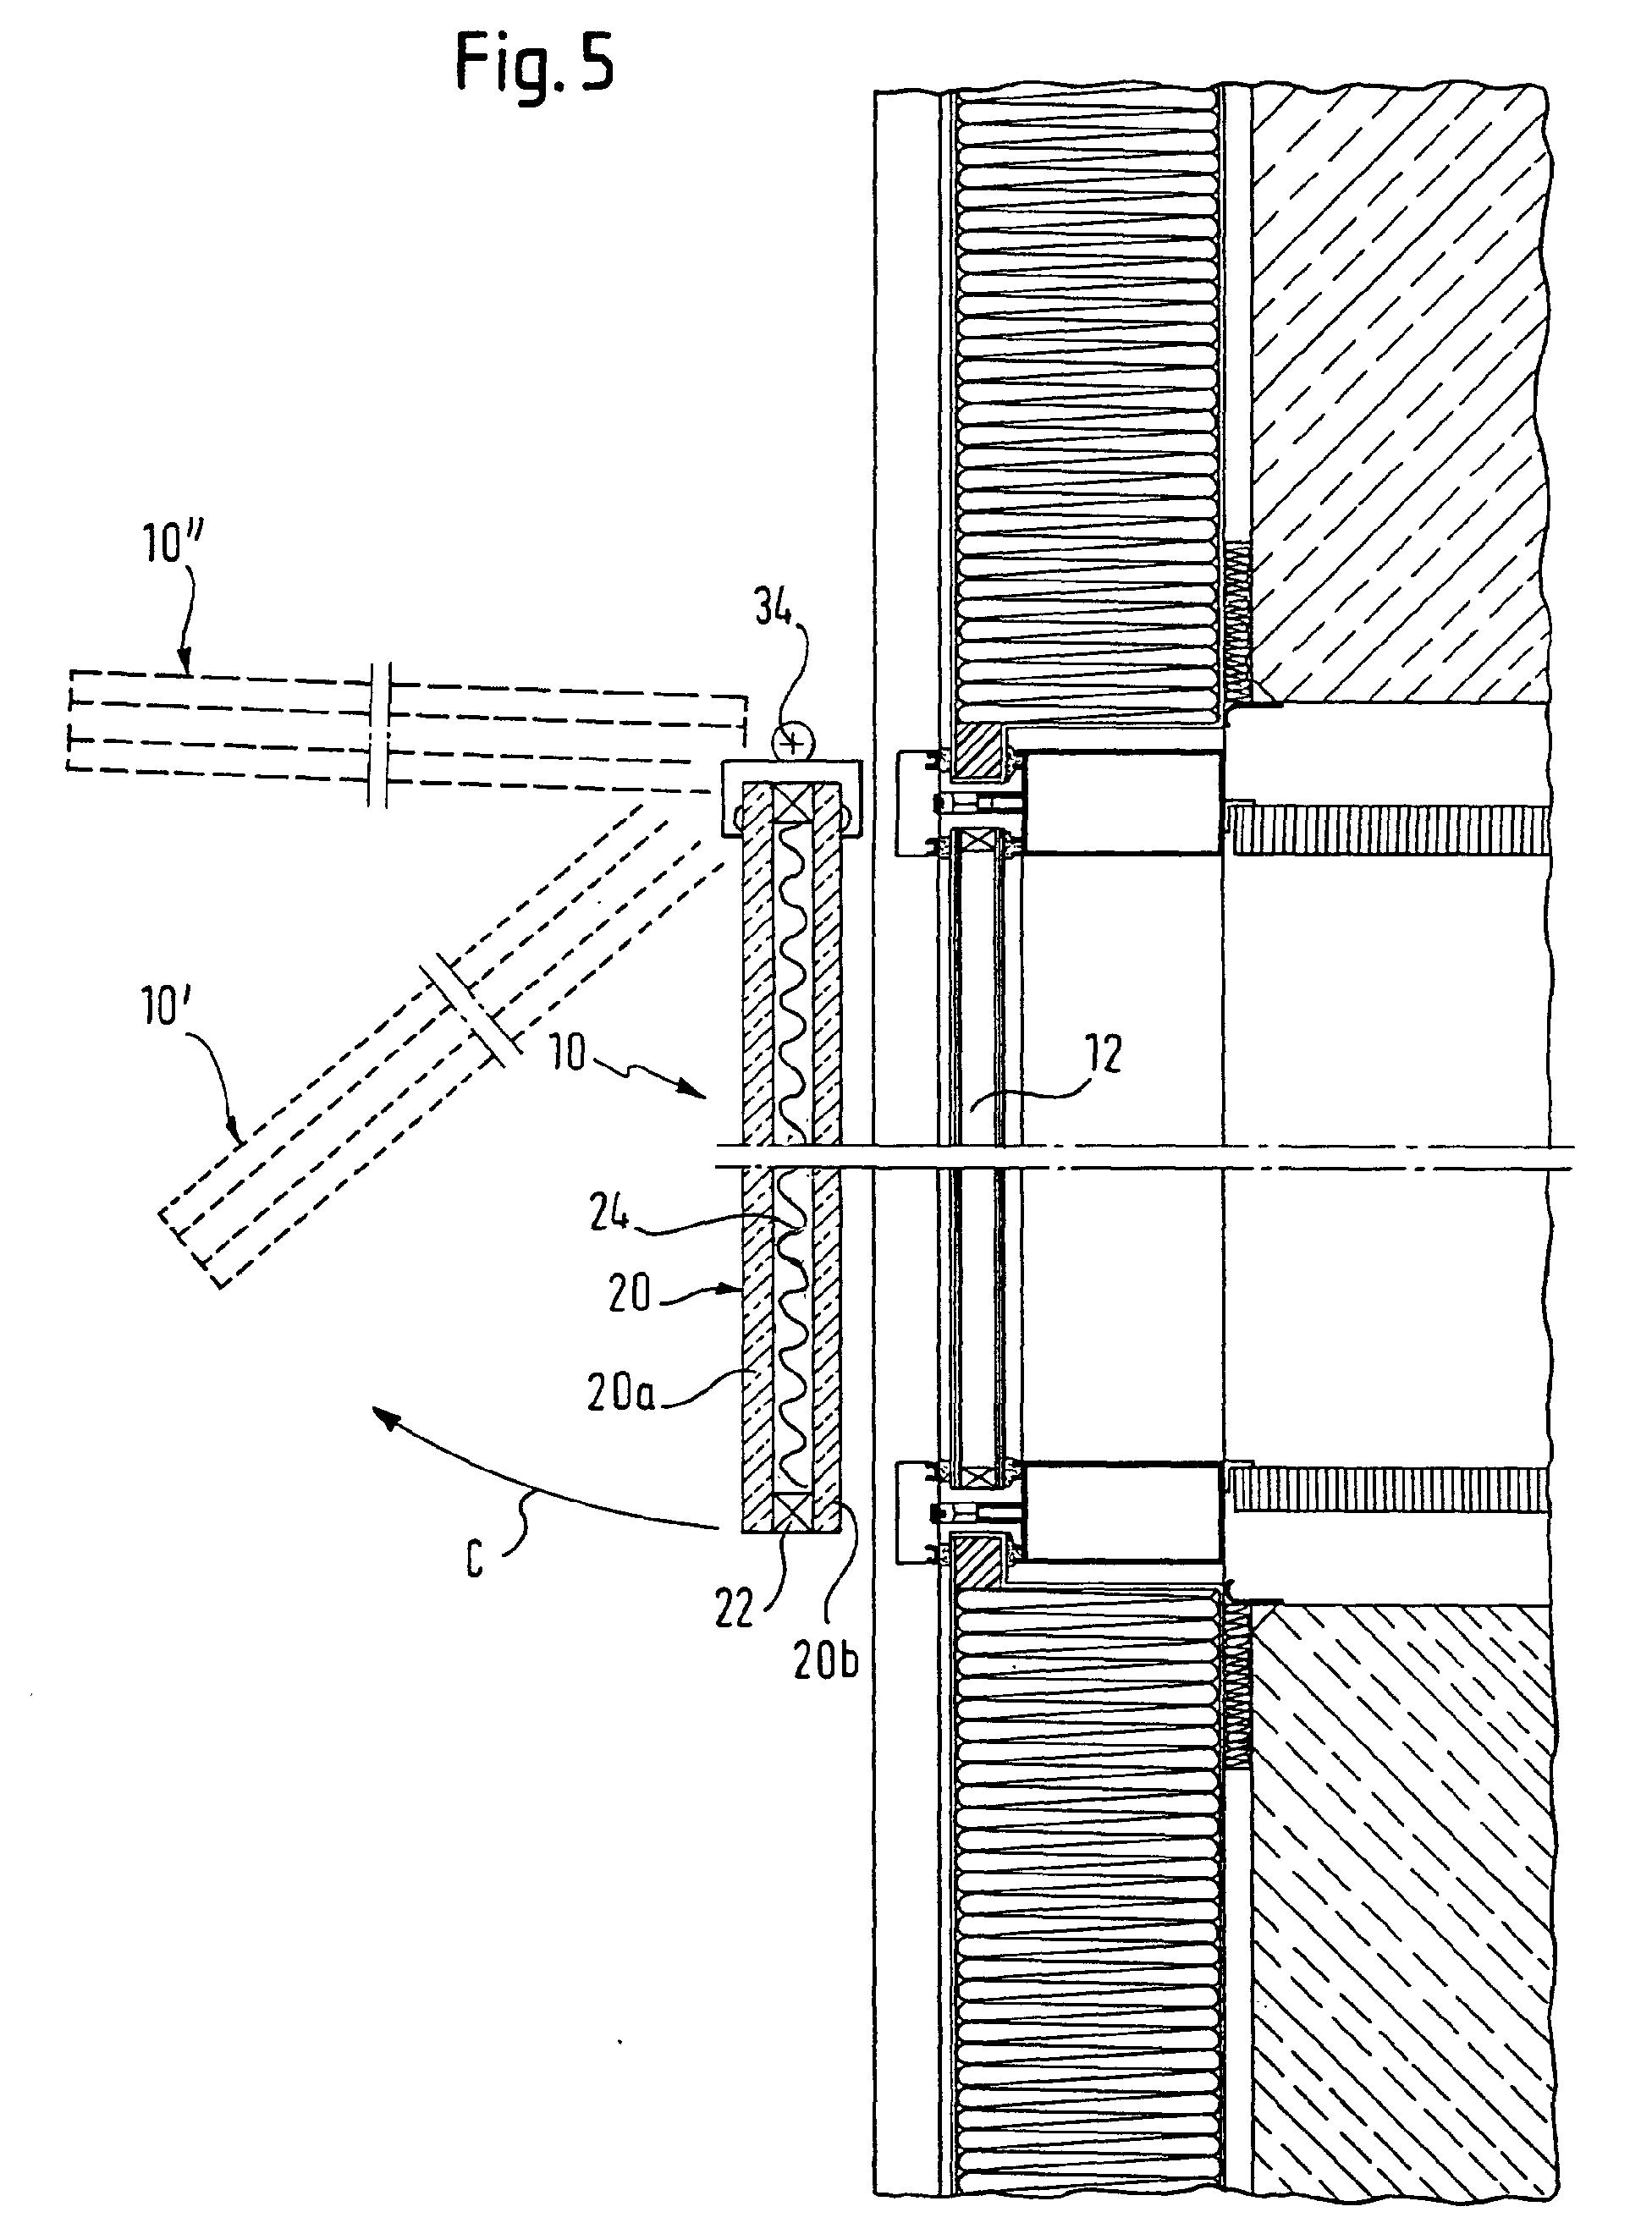 Fenster außen detail  Patente EP1172514A2 - Aussen liegender Sonnenschutz - Google Patentes